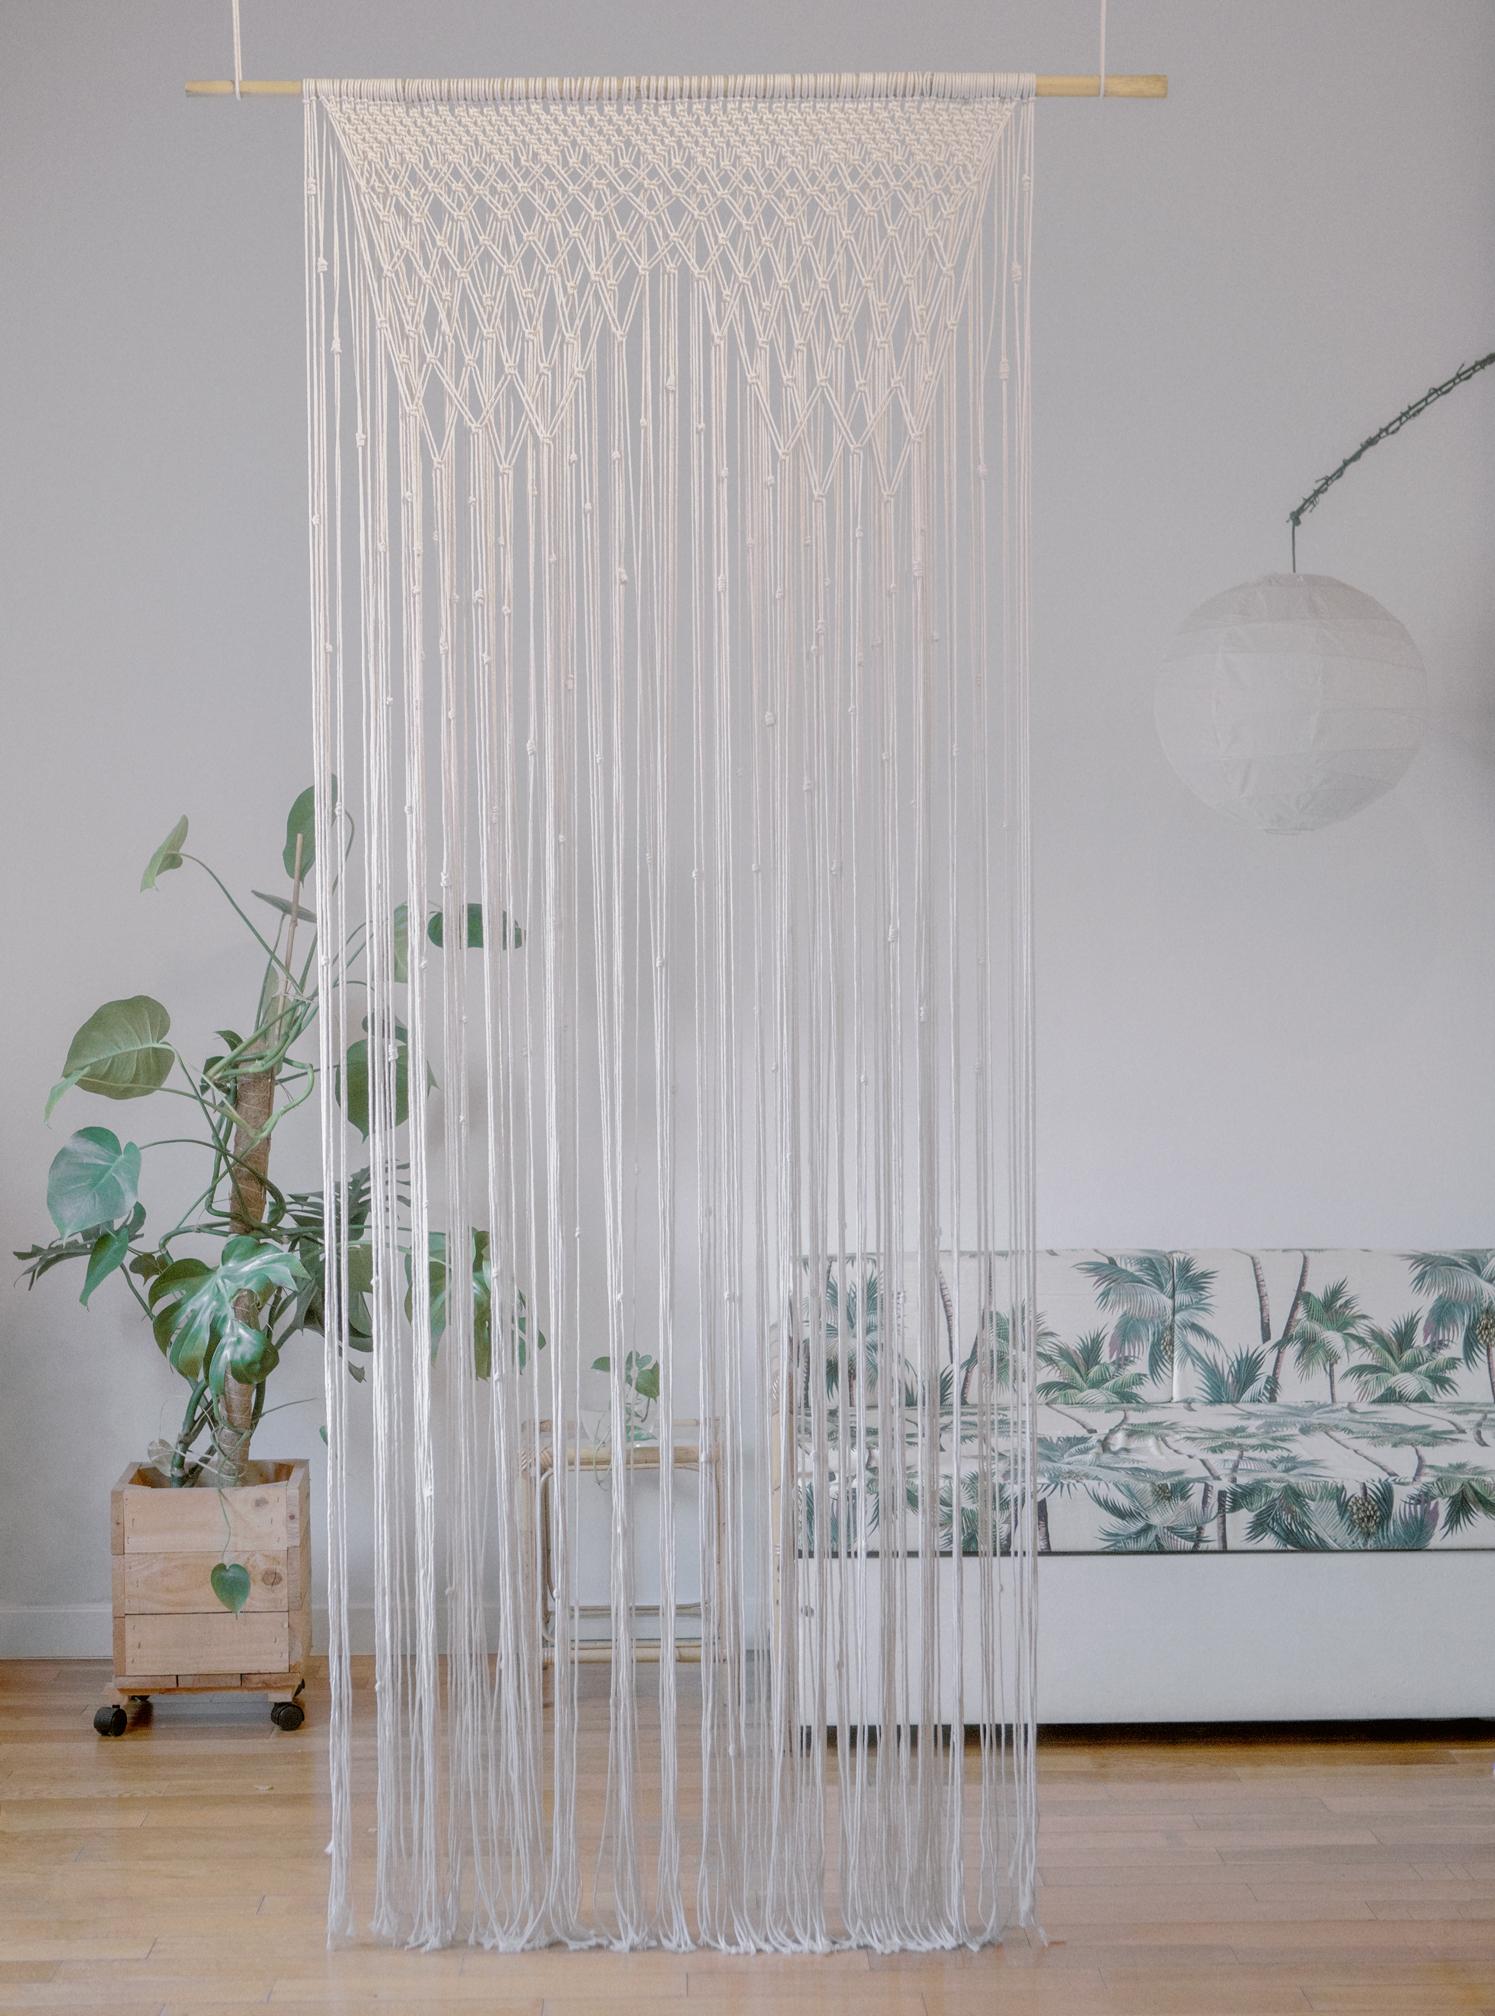 Tapiz de macramé hecho de forma artesanal con un estilo étnico y fabricado con materiales responsables con el medio ambiente